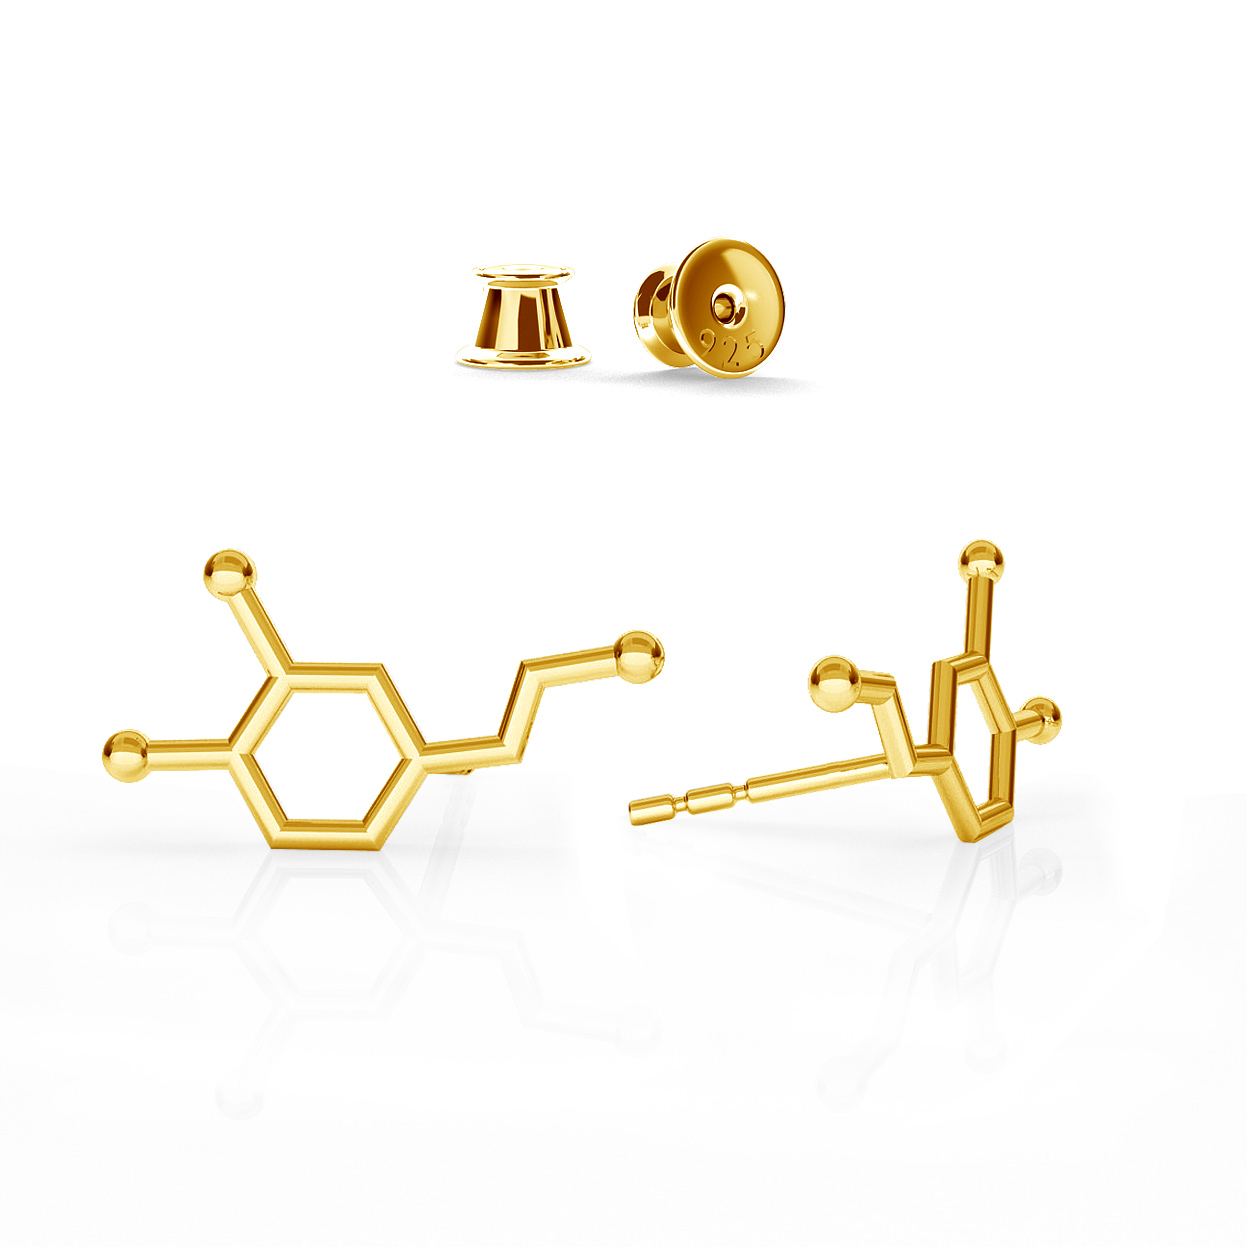 DOPAMINE EARRINGS CHEMICAL FORMULA STERLING SILVER - BASIC